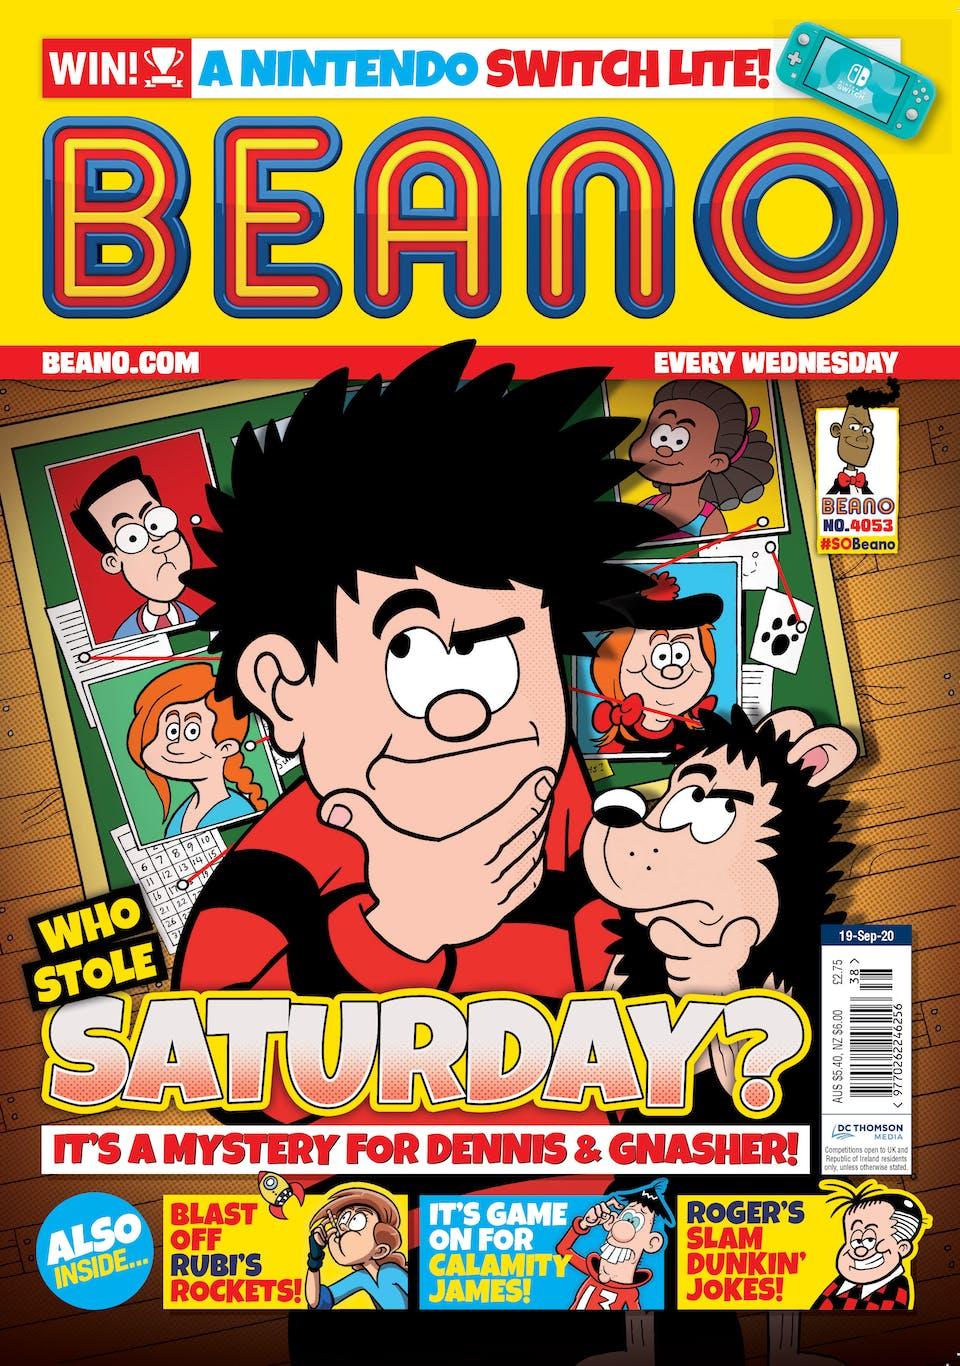 Inside Beano no.4053  - Who Stole Saturday?